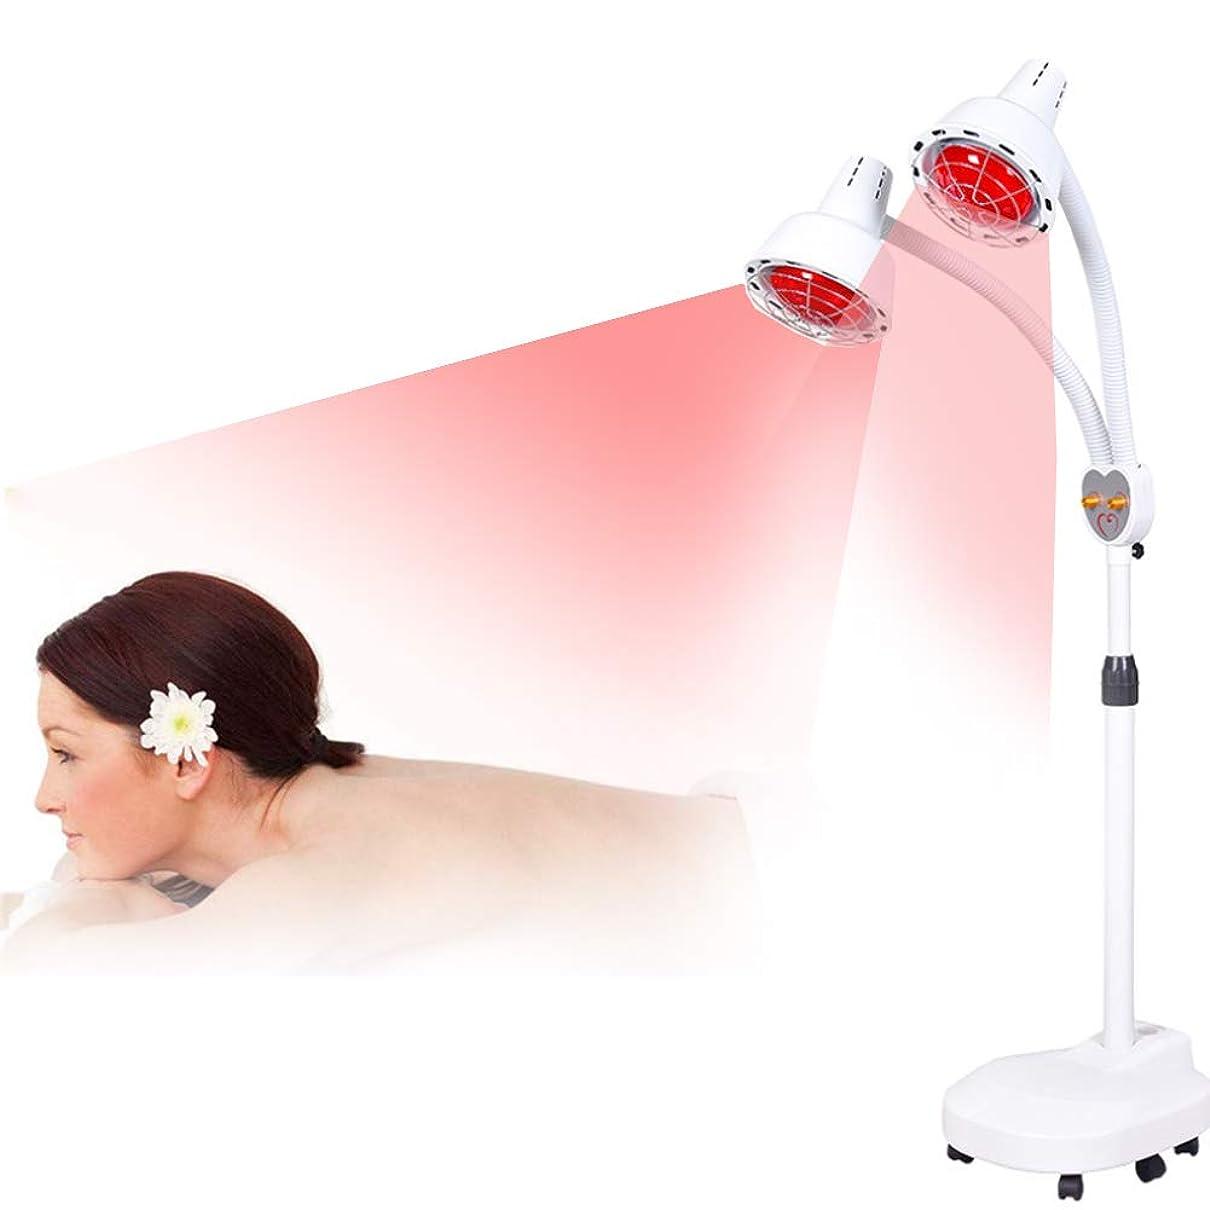 で出来ている危険を冒します保持する多機能ダブルヘッド遠赤外線理学療法ランプ美容院ホーム美容スキンベーキング電気理学療法器具暖房加熱ベーキング理学療法ランプ275ワット